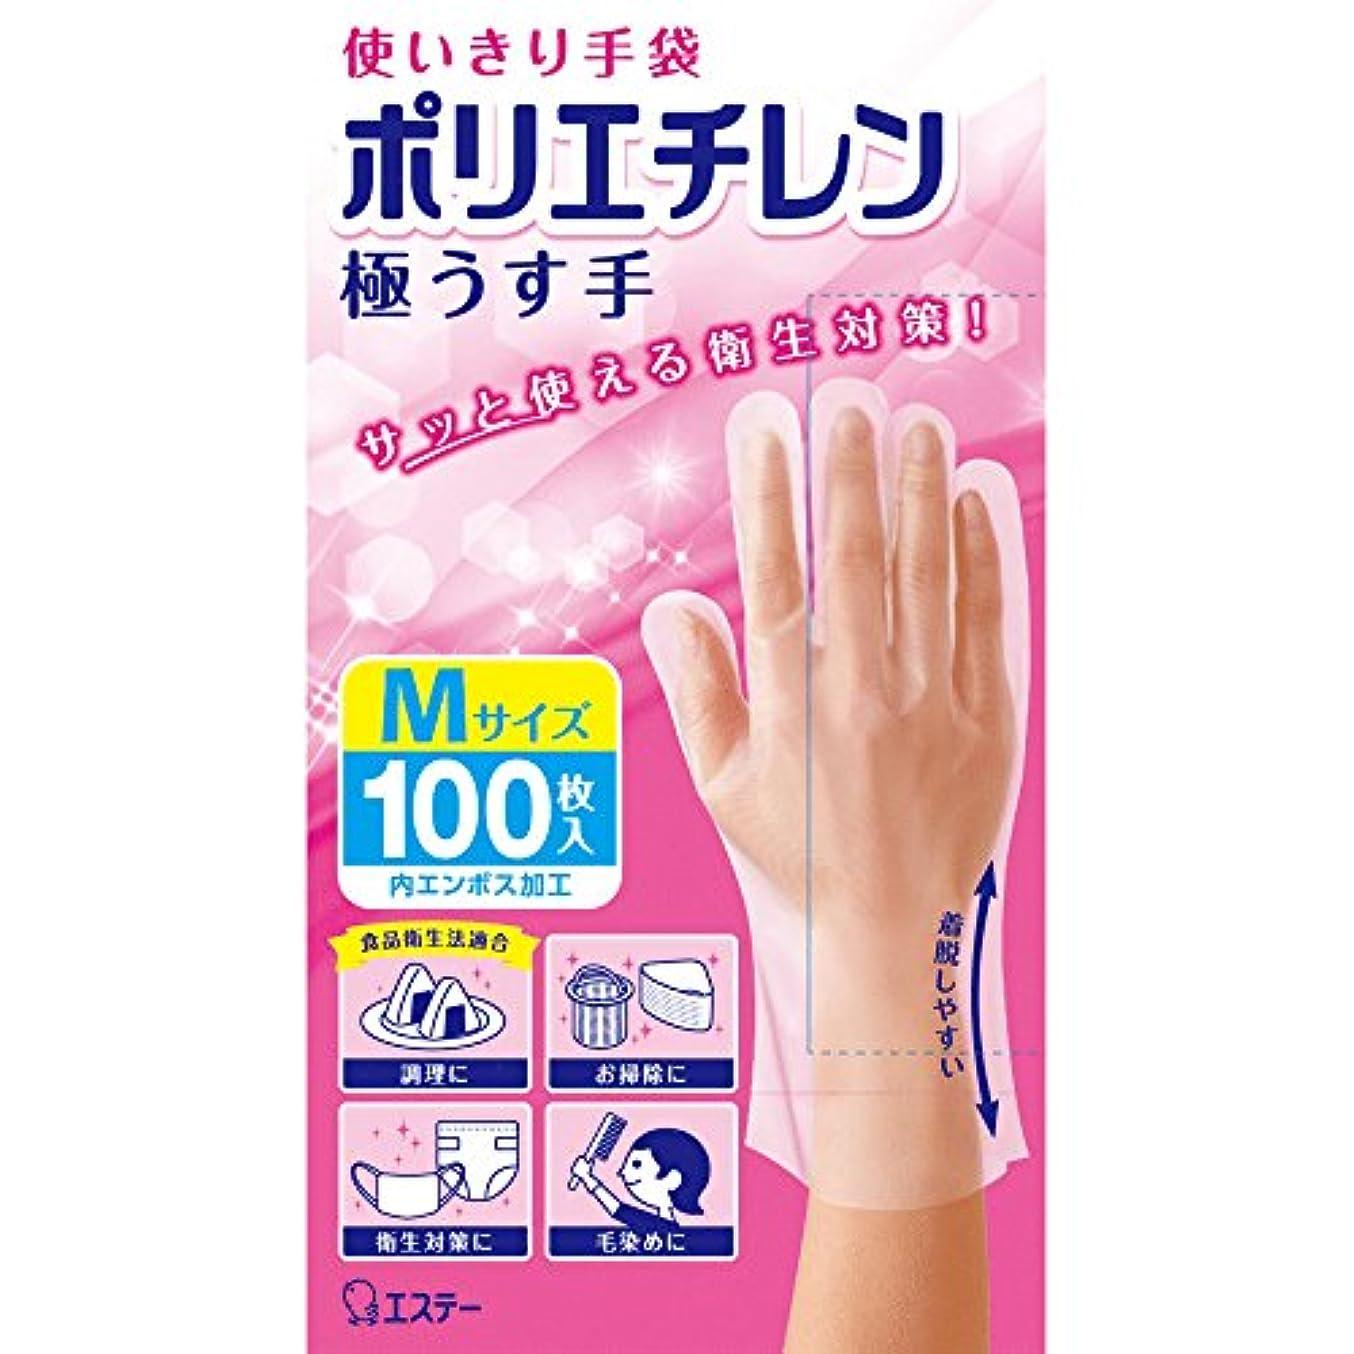 率直な戸惑うおもてなし使いきり手袋 ポリエチレン 極うす手 Mサイズ 半透明 100枚